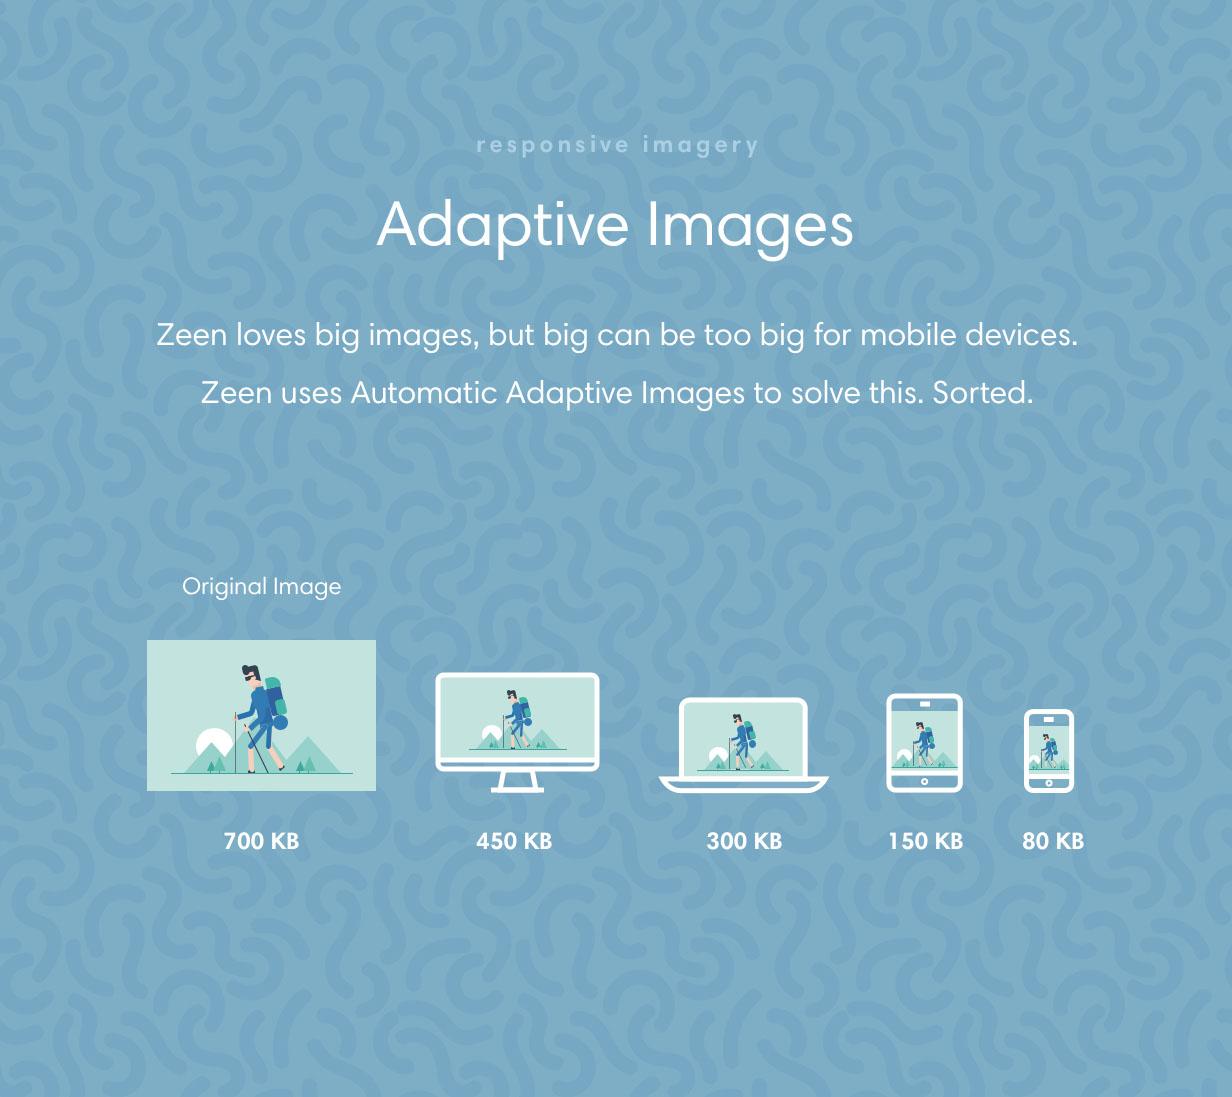 Zeen uses adaptive images